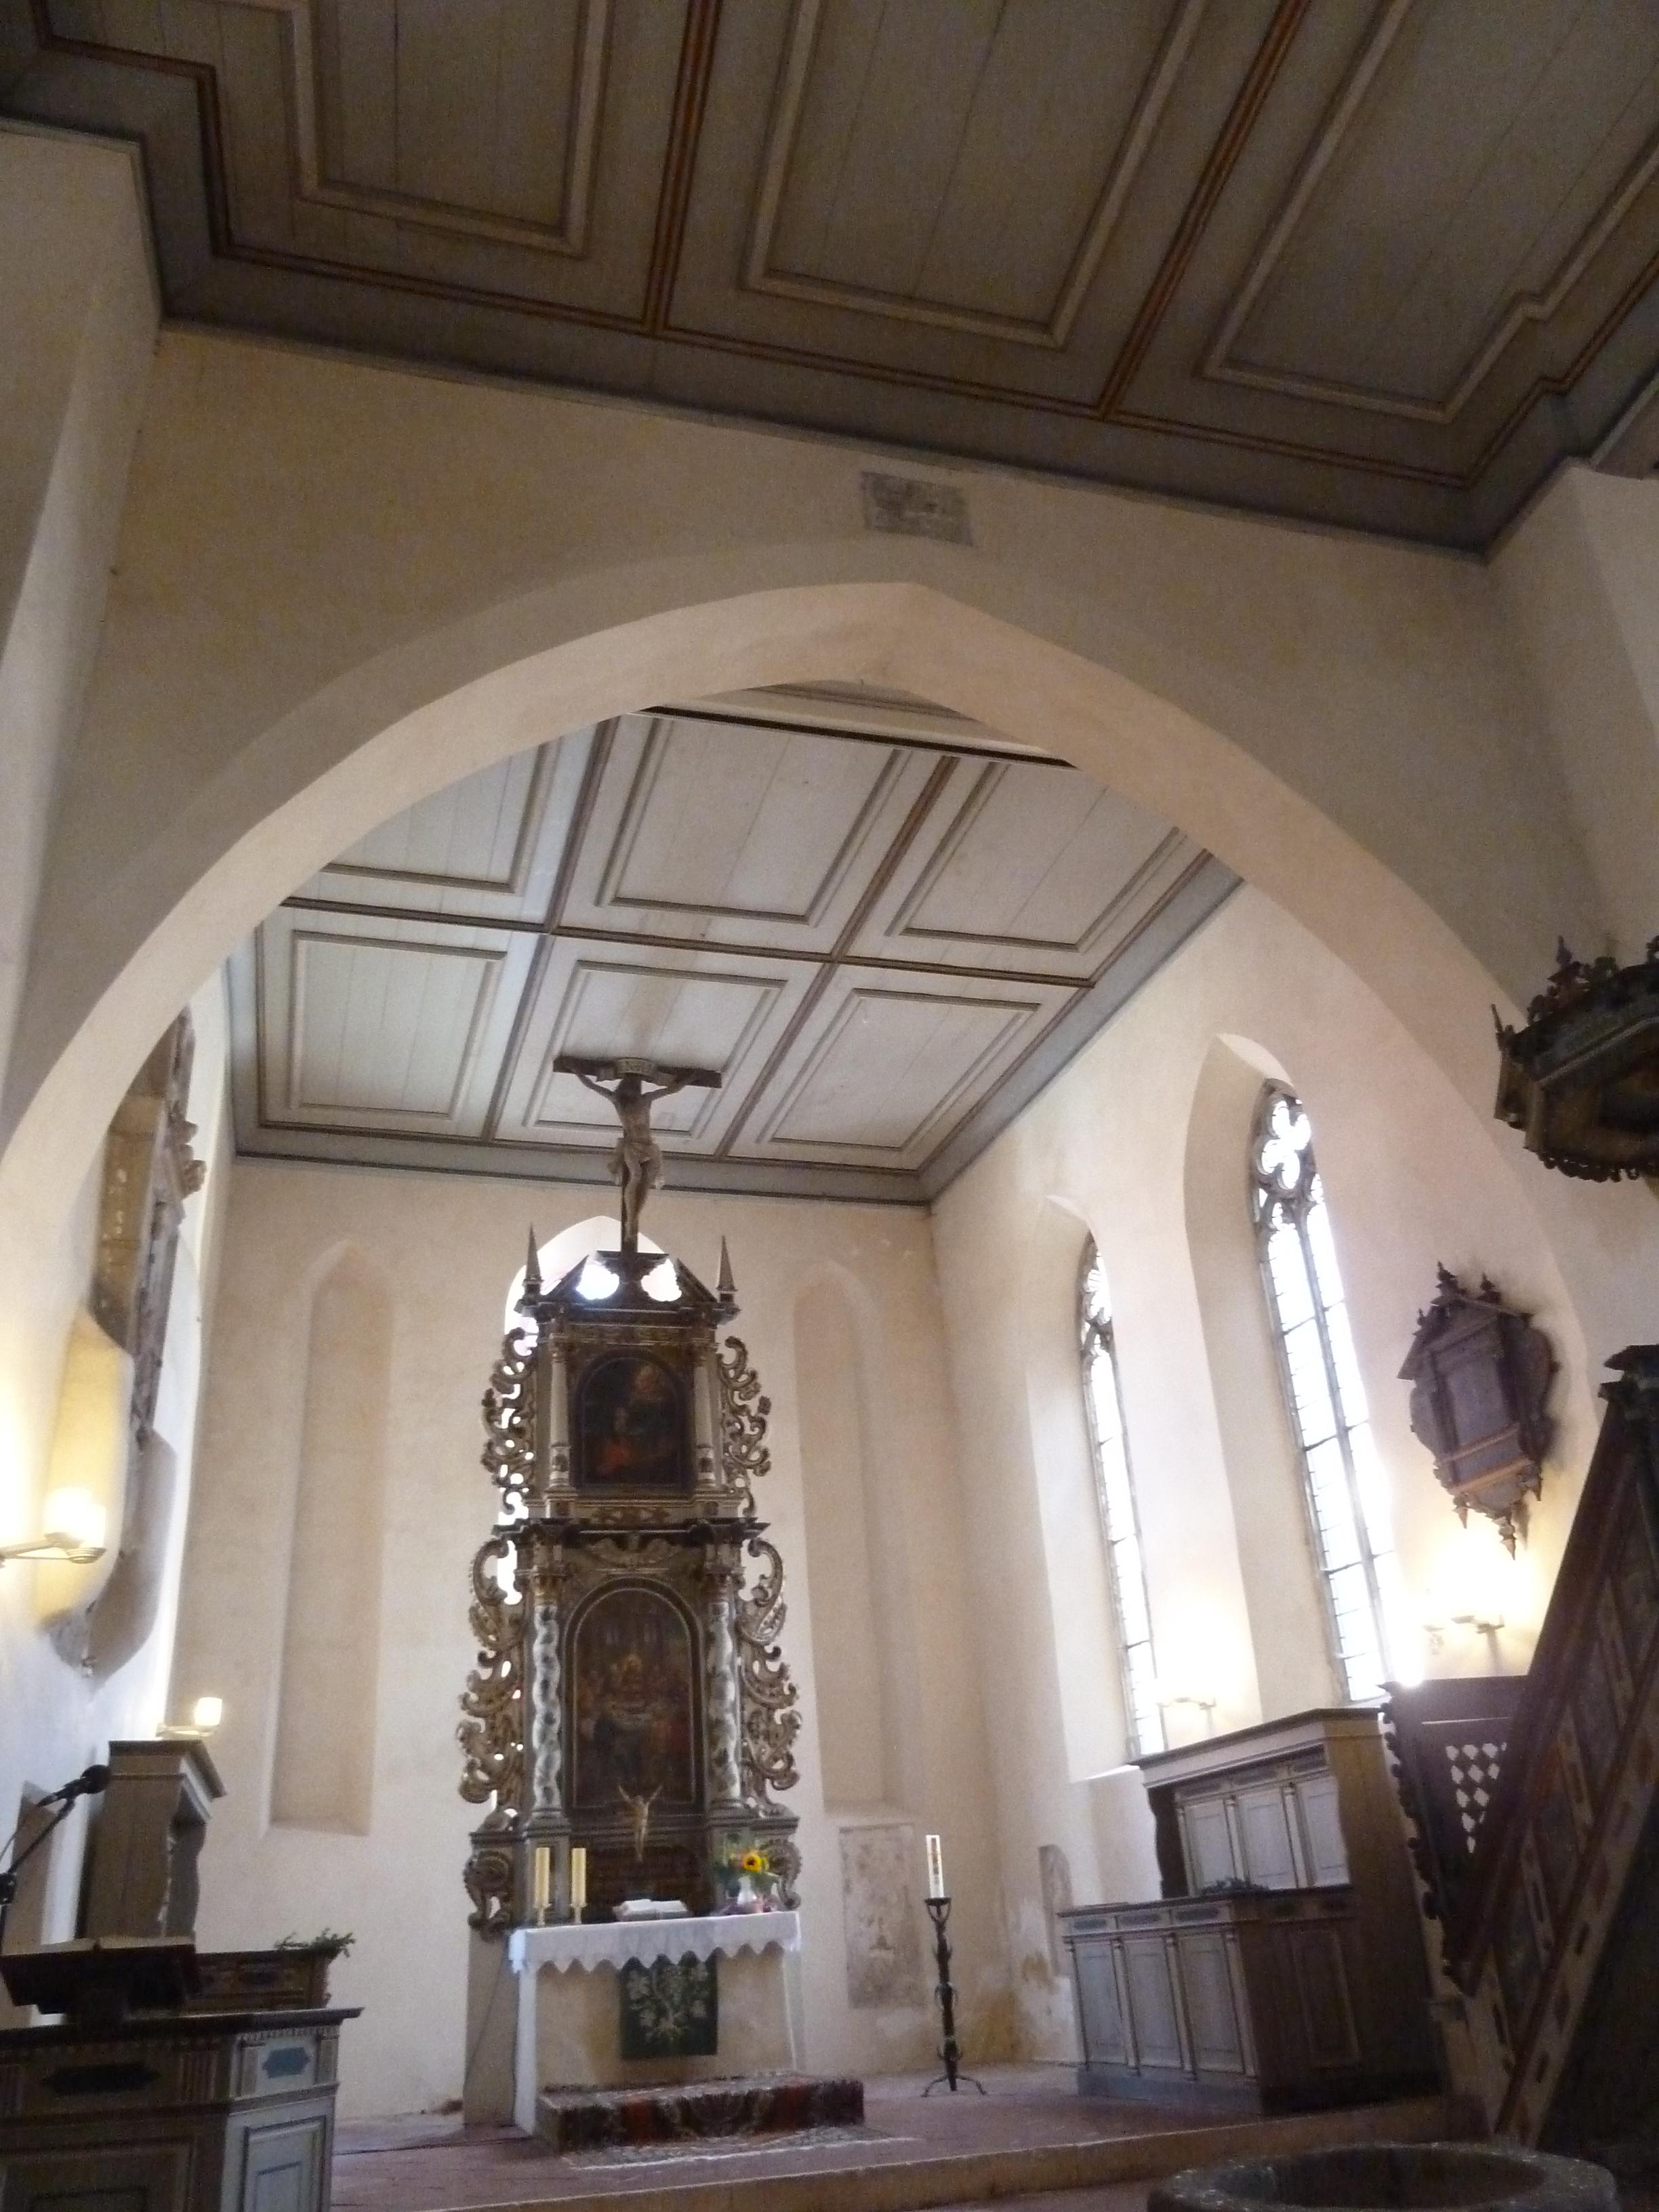 inside St. Marien